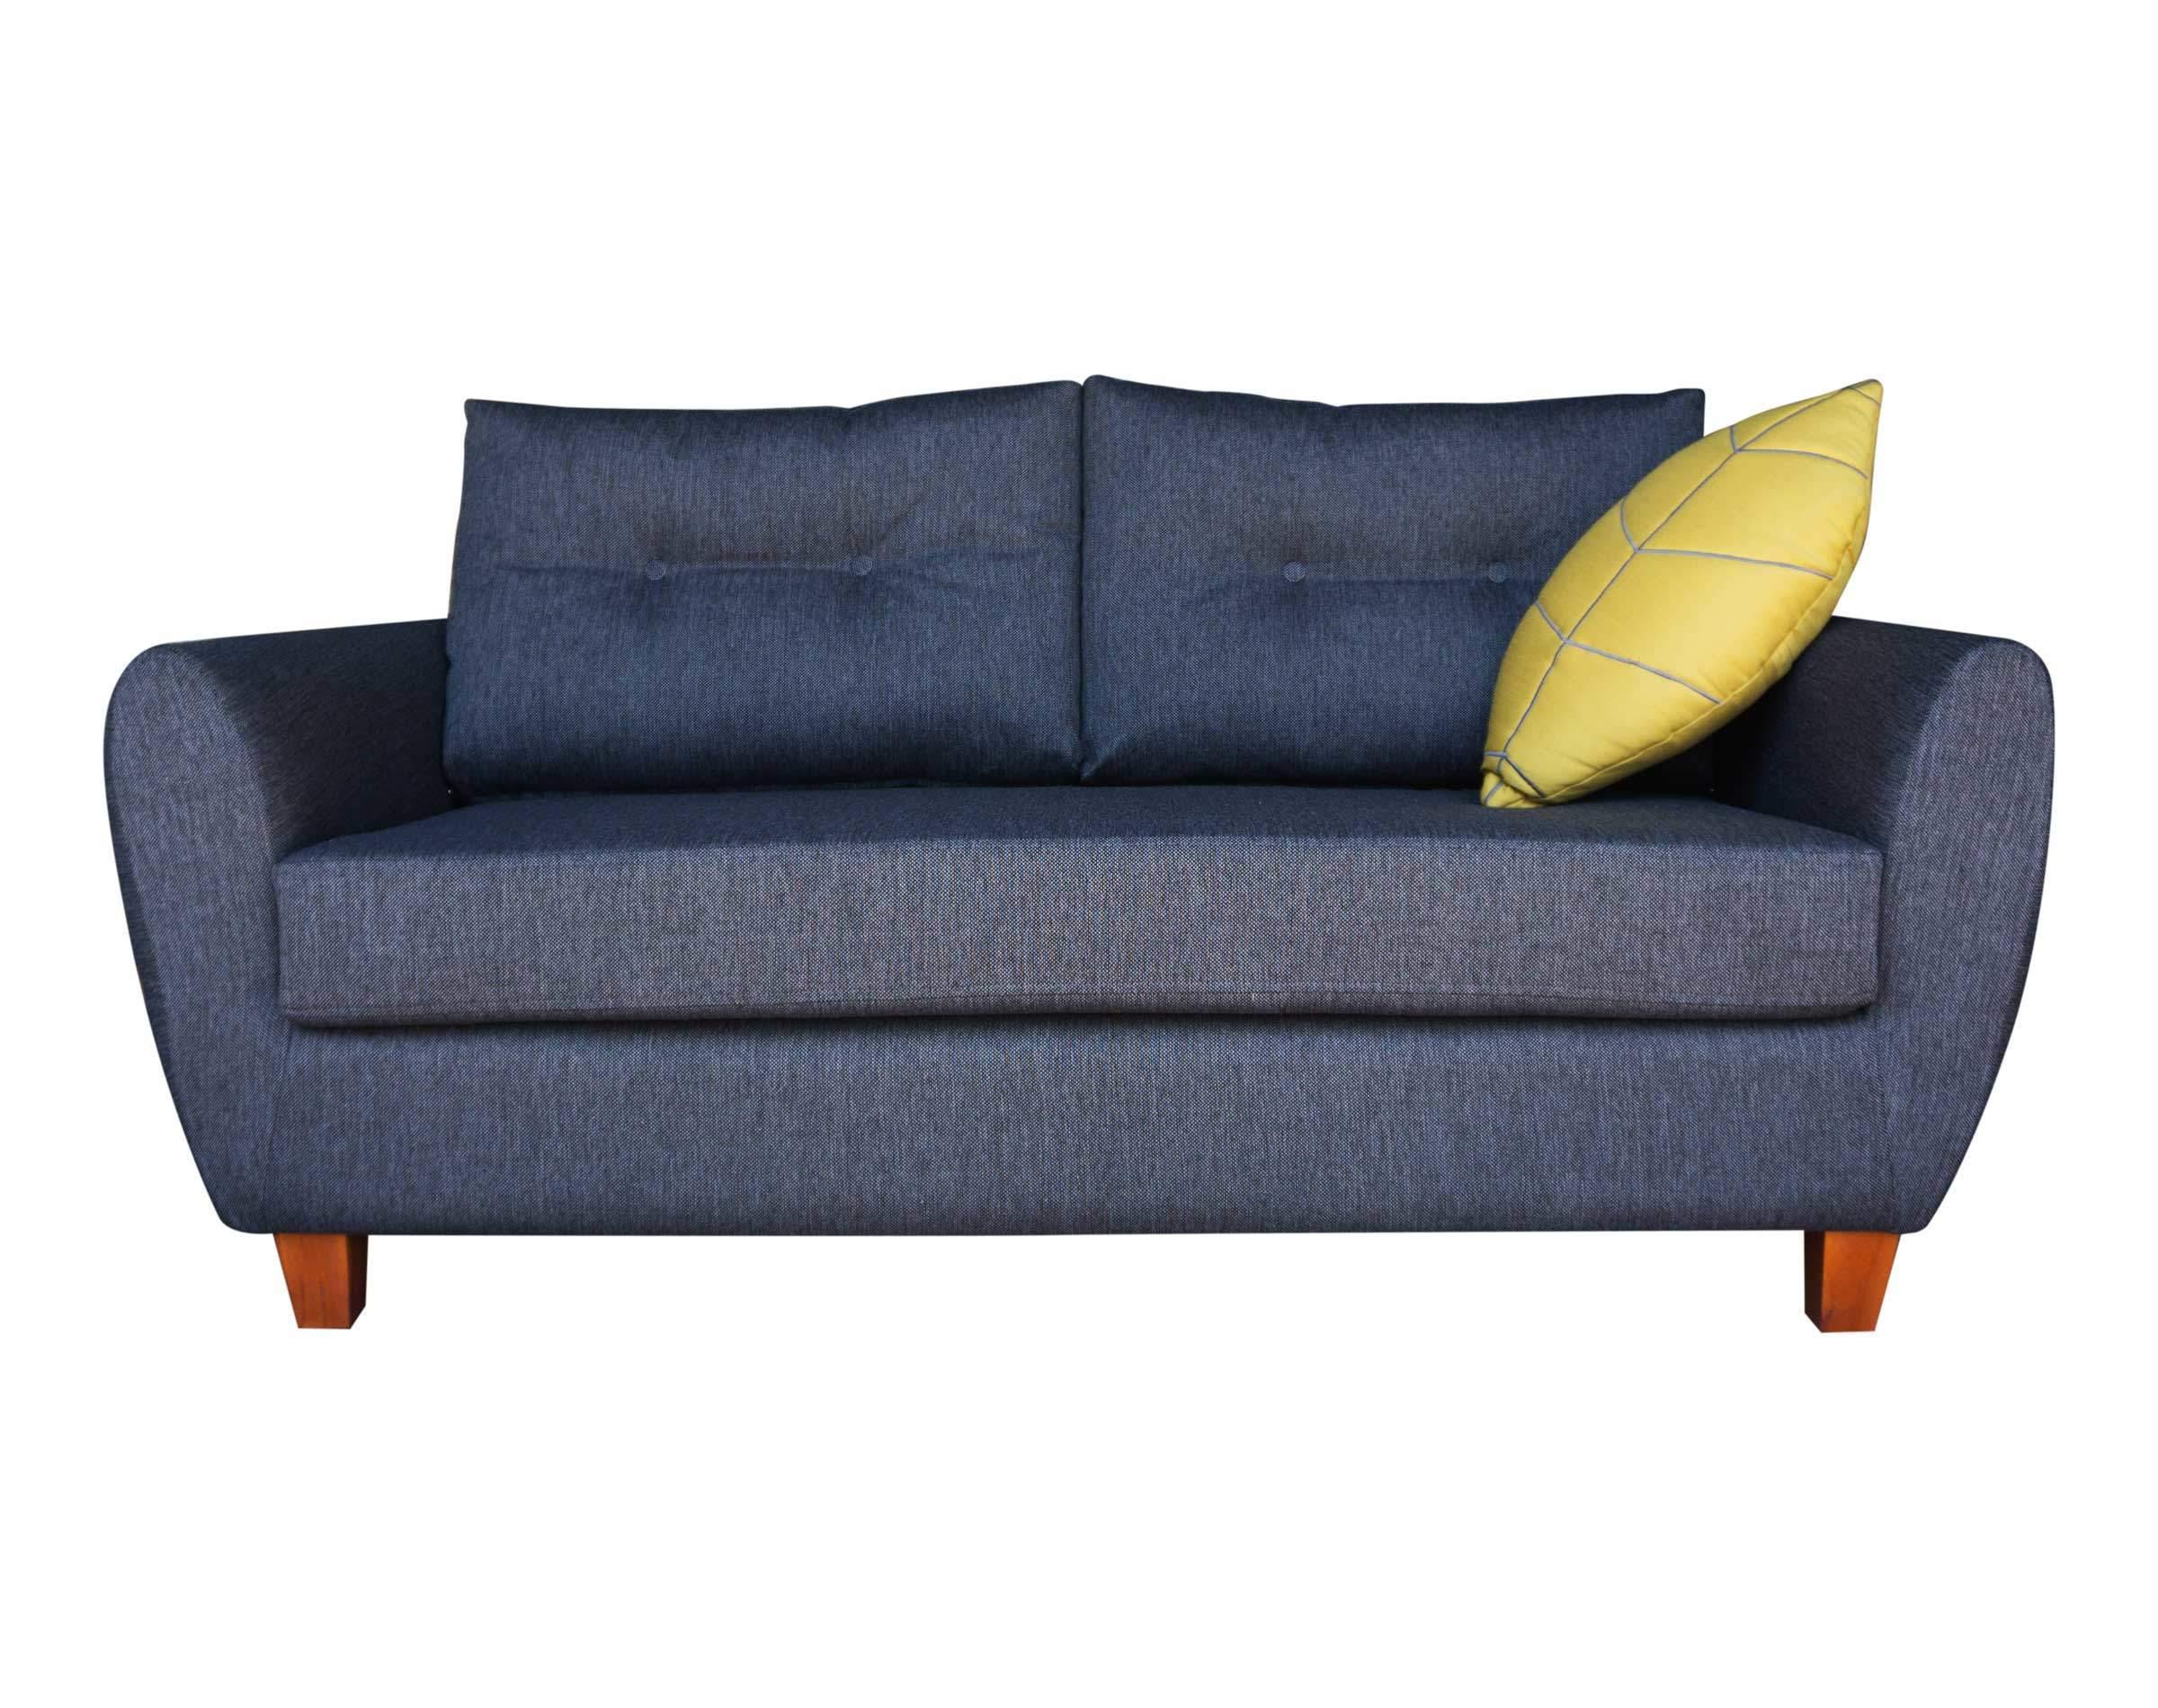 sofa modelo Amanda de 170 cms